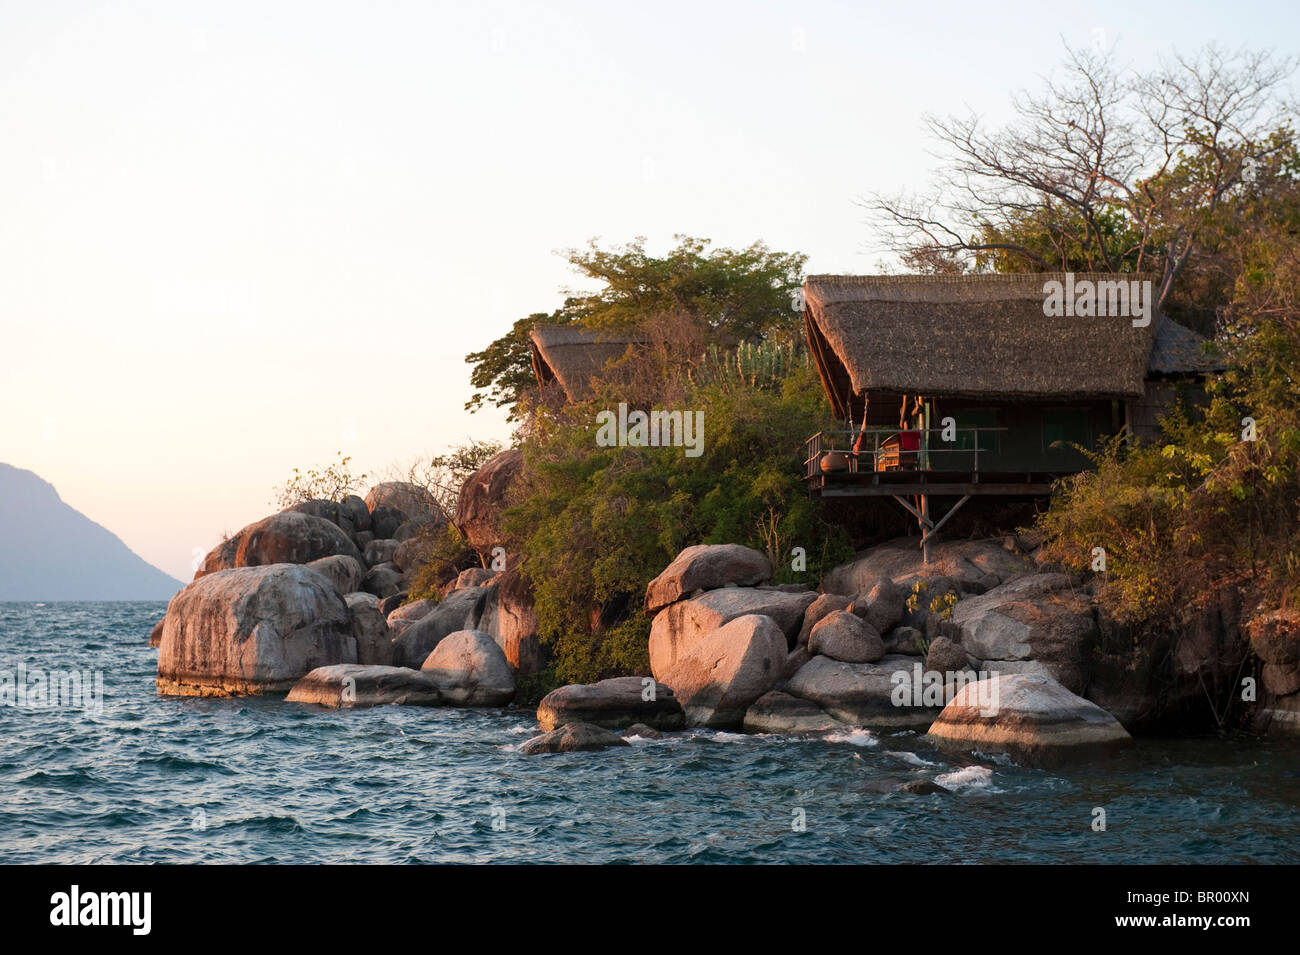 Mumbo Island Camp, Lake Malawi National Park, Malawi - Stock Image